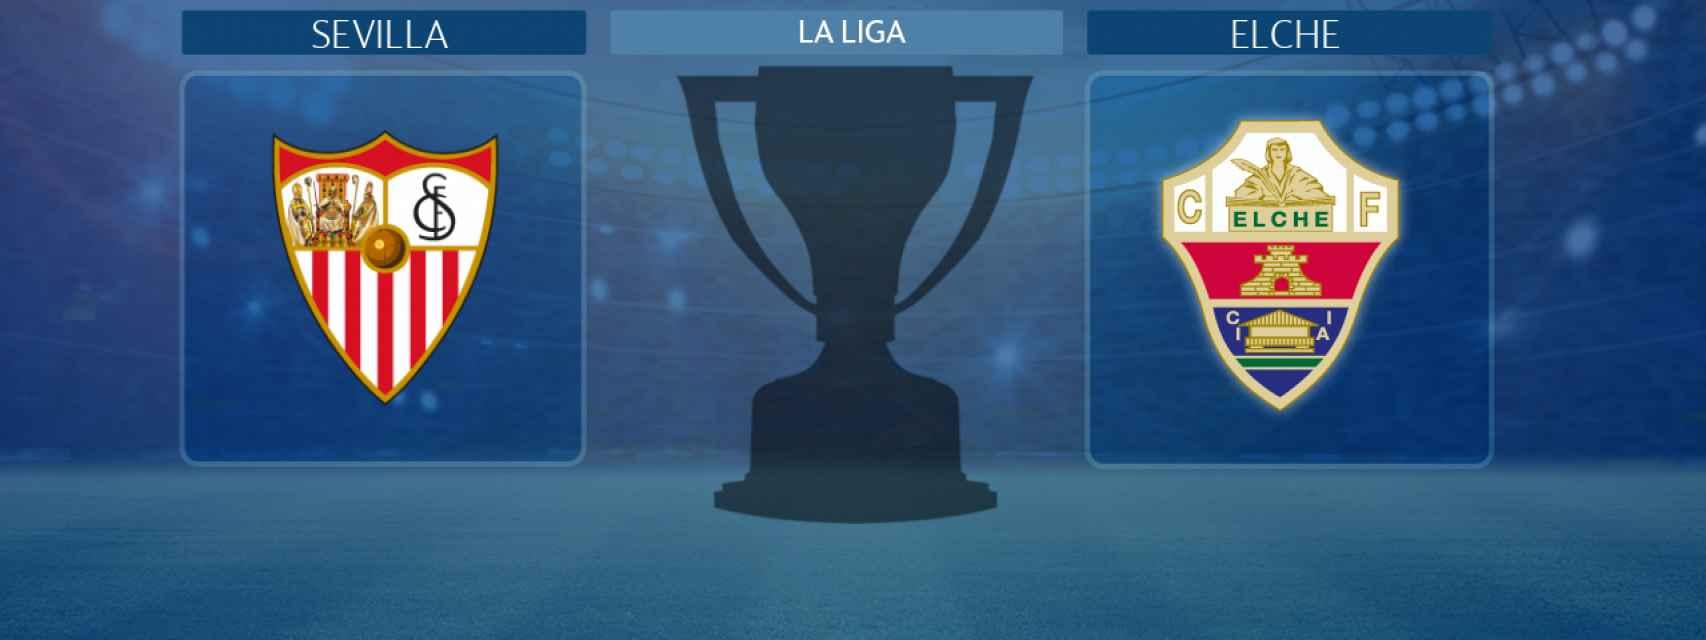 Sevilla - Elche, partido de La Liga